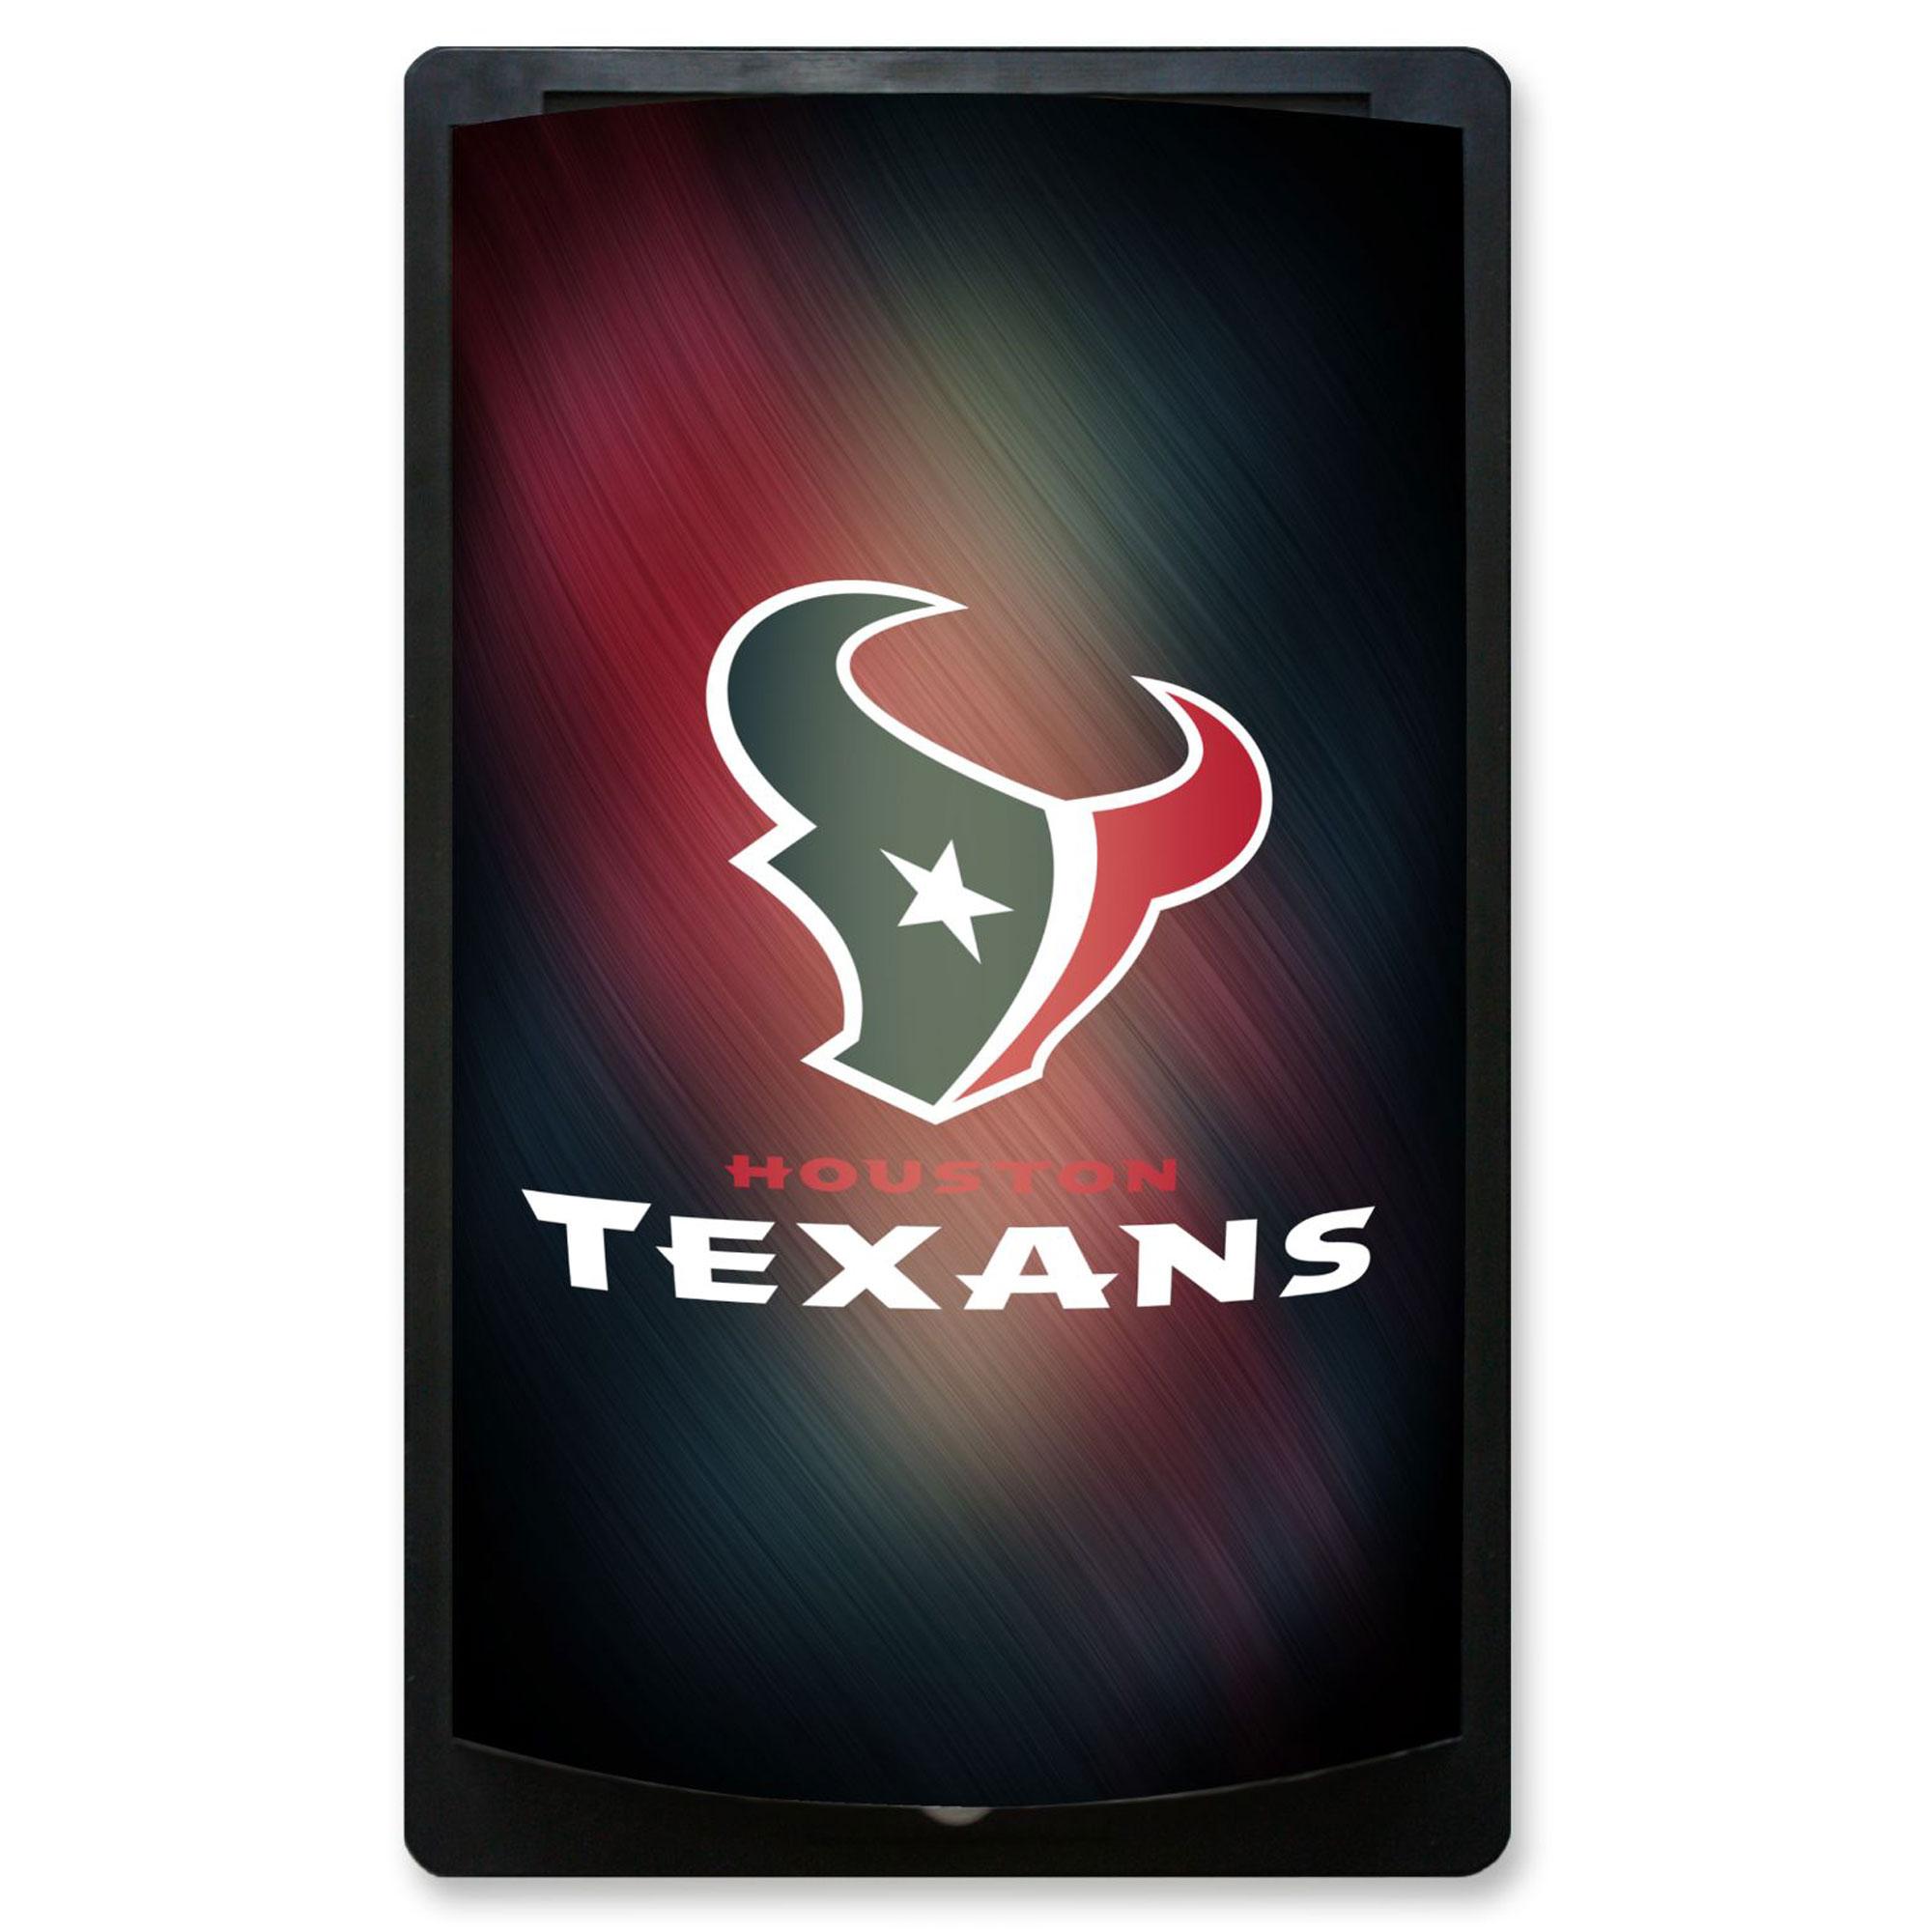 Houston Texans 12.5'' x 7.5'' MotiGlow Sign